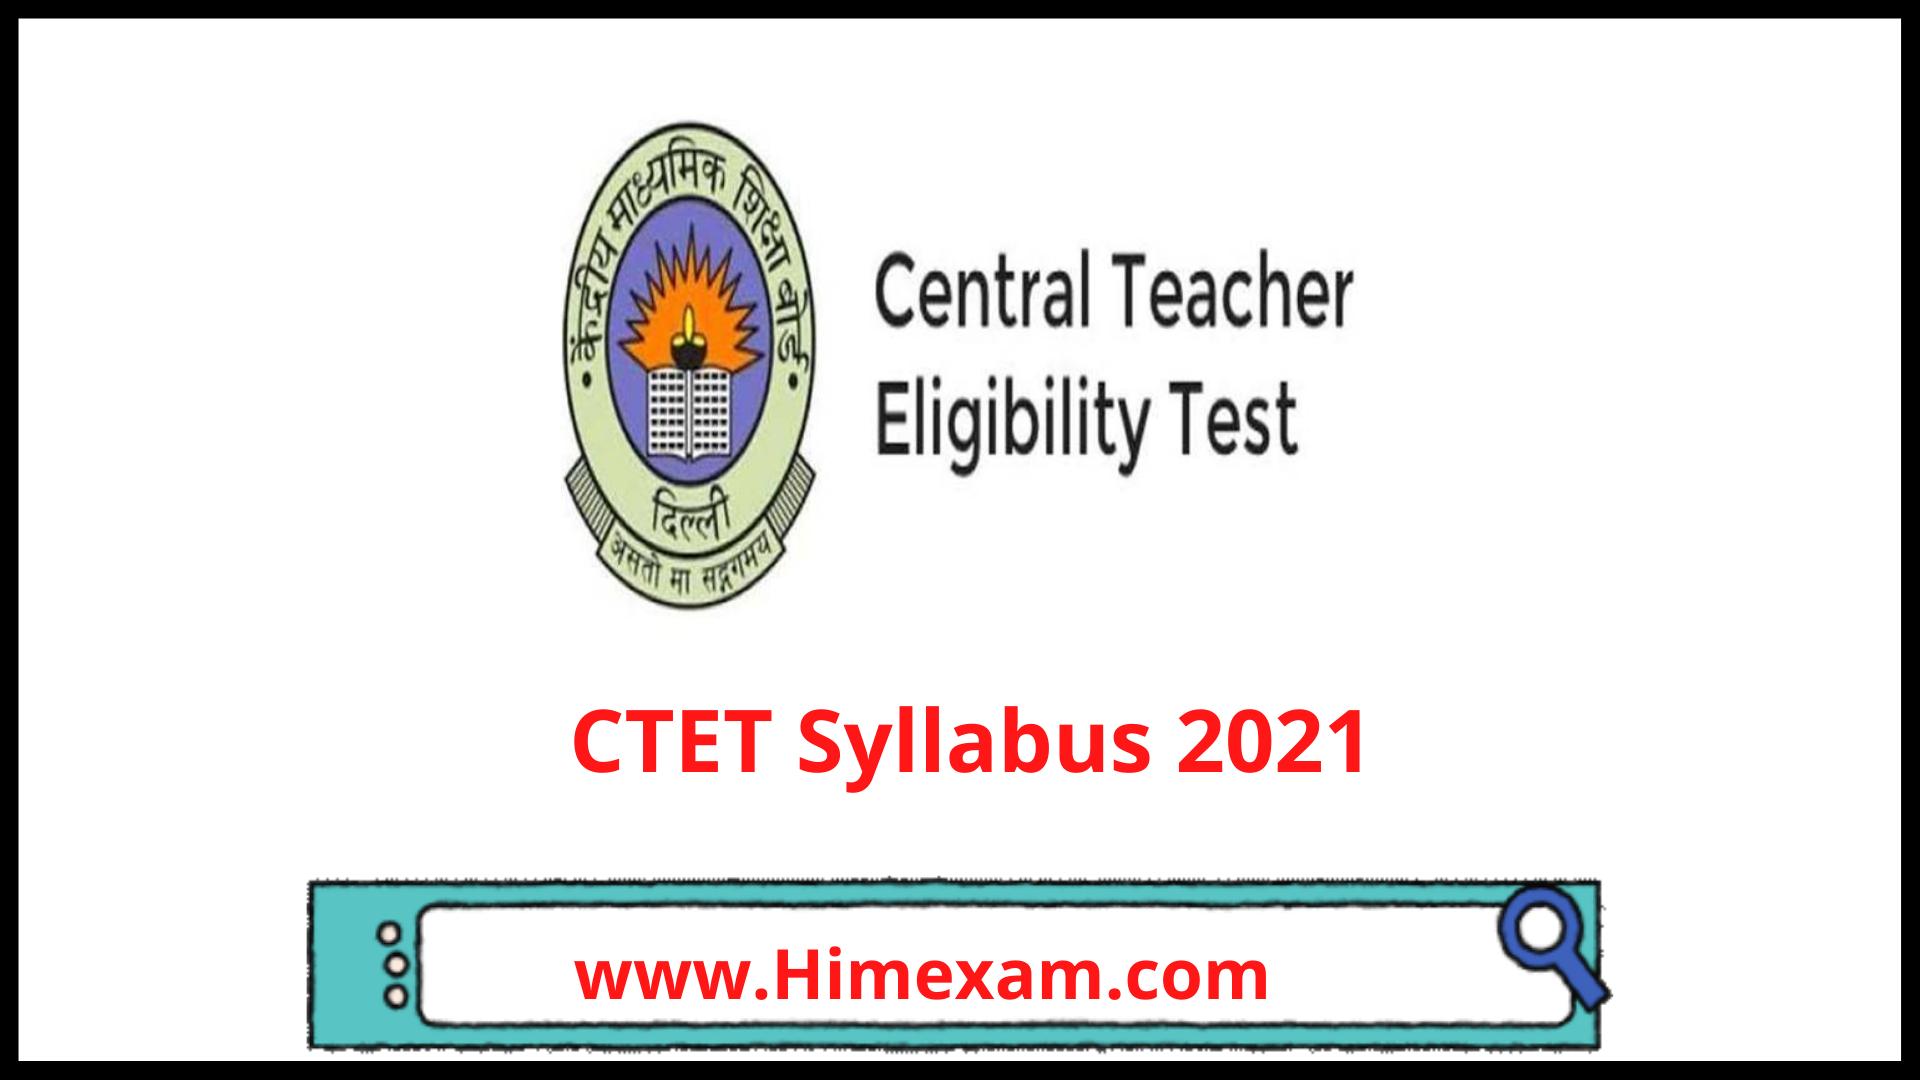 CTET Syllabus 2021